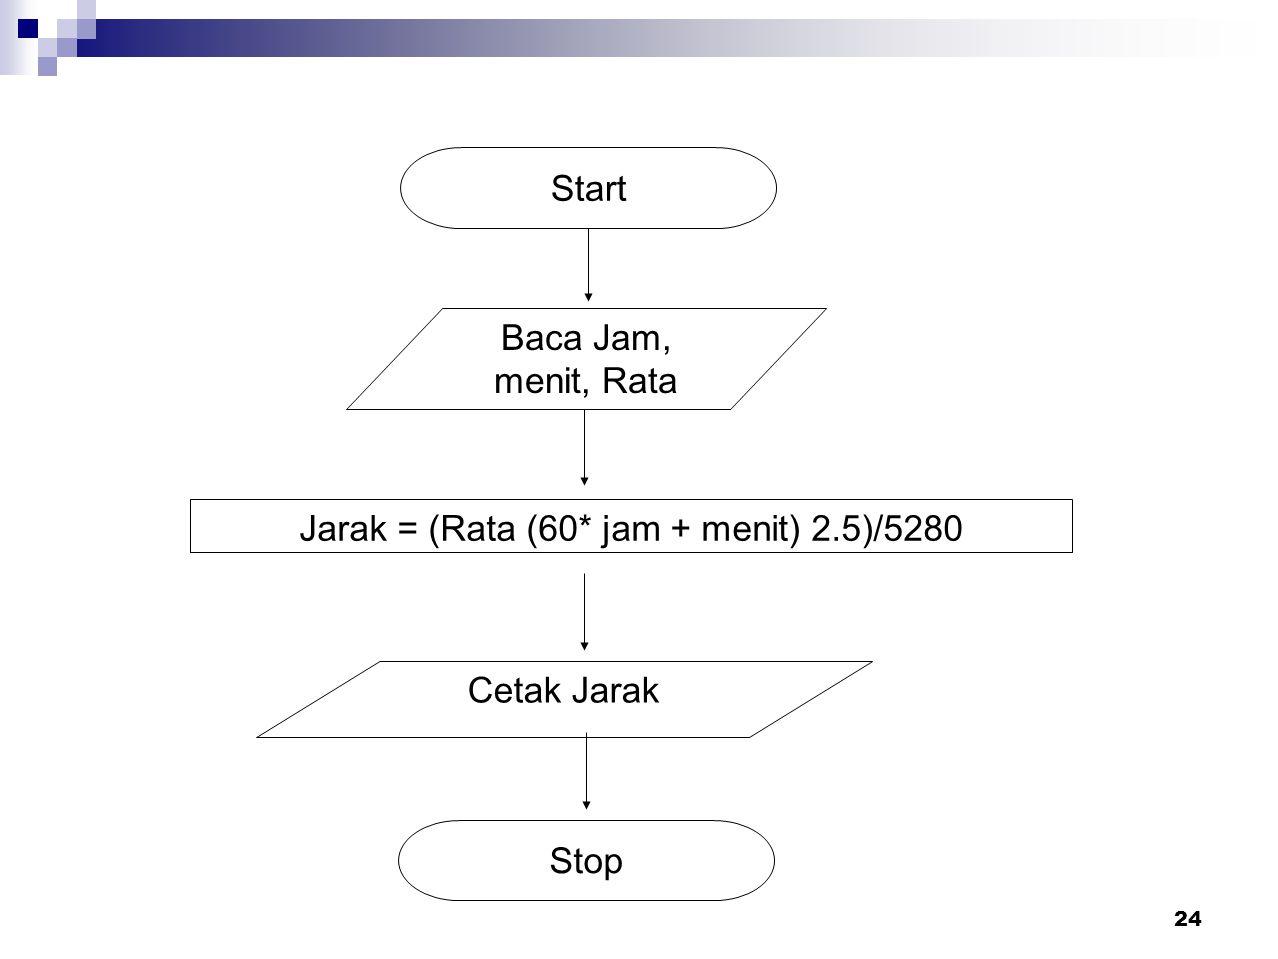 24 Start Baca Jam, menit, Rata Jarak = (Rata (60* jam + menit) 2.5)/5280 Cetak Jarak Stop